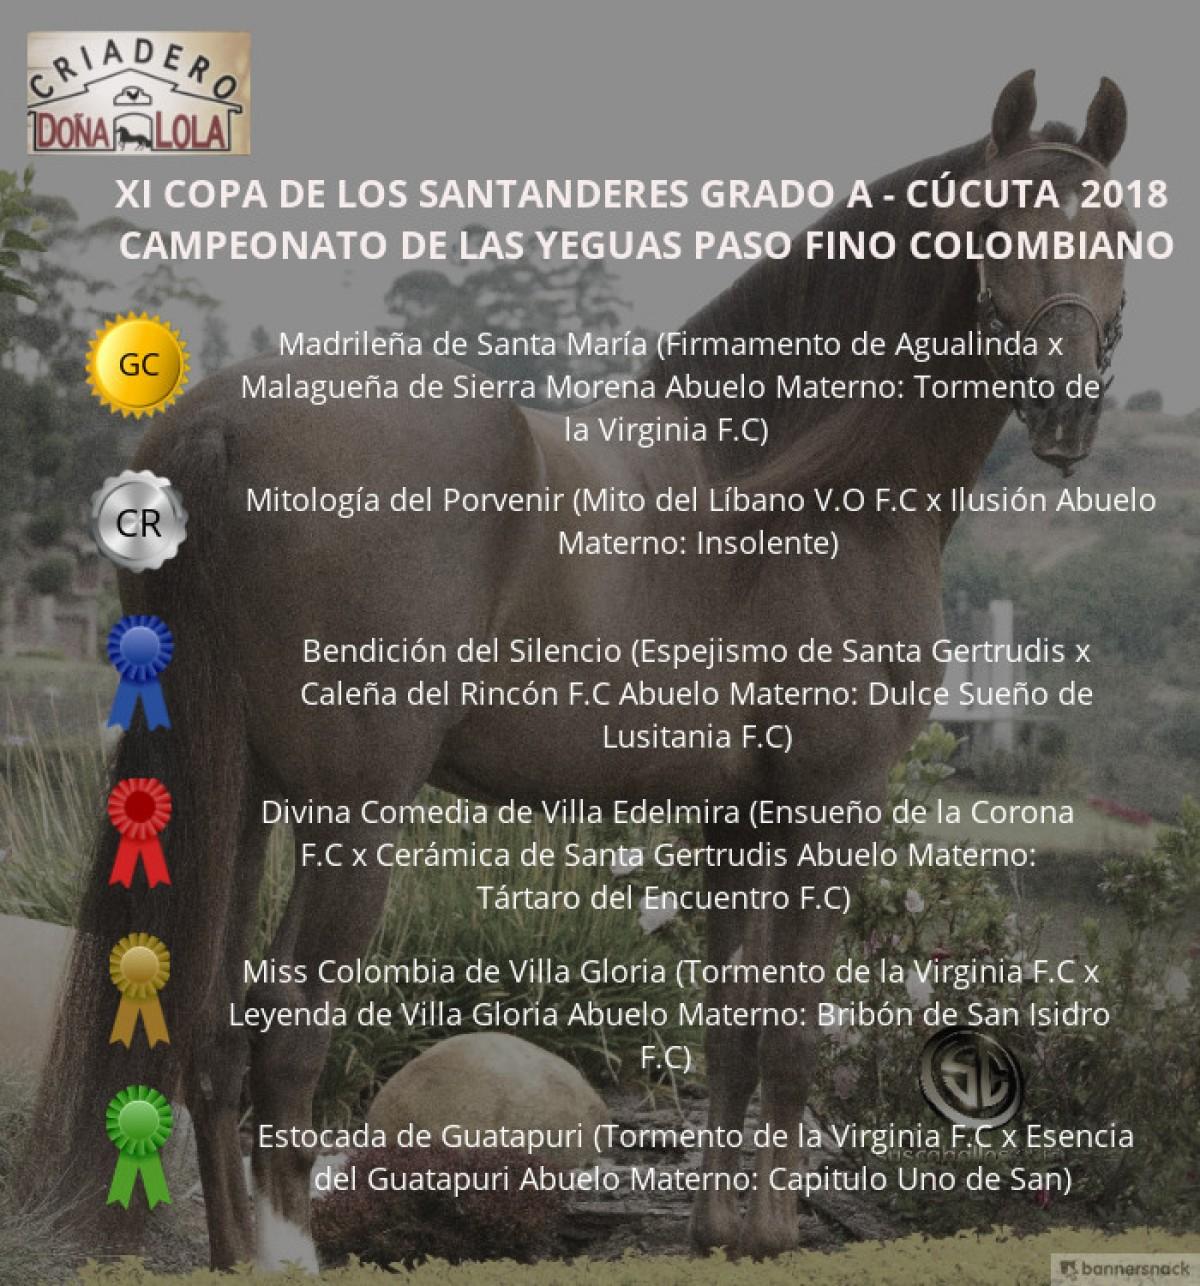 VÍDEO:Madrileña Campeona, Mitología Reservada, Paso Fino Colombiano, Cúcuta 2018